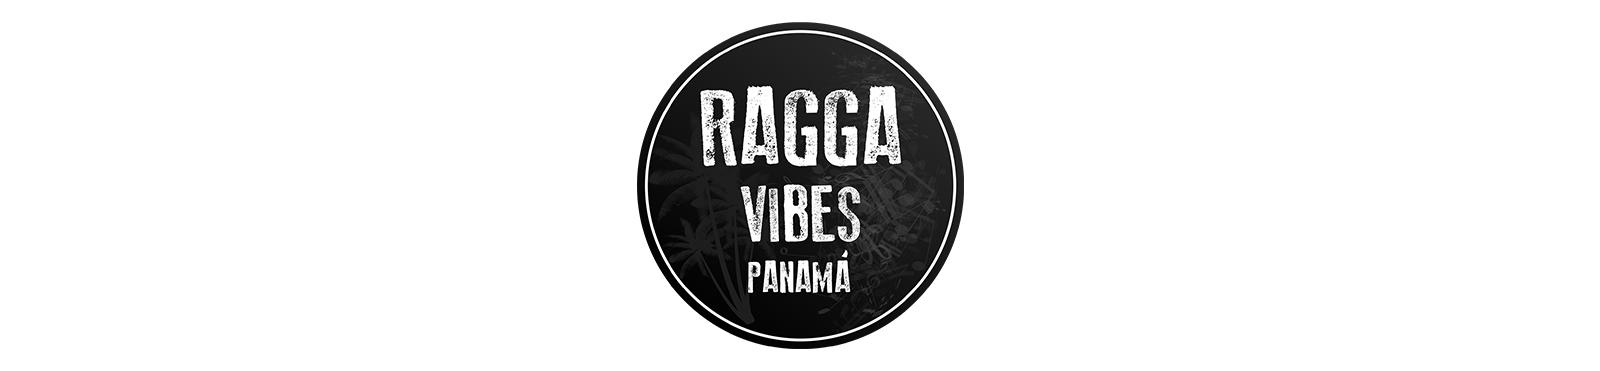 RAGGA VIBES PANAMÁ